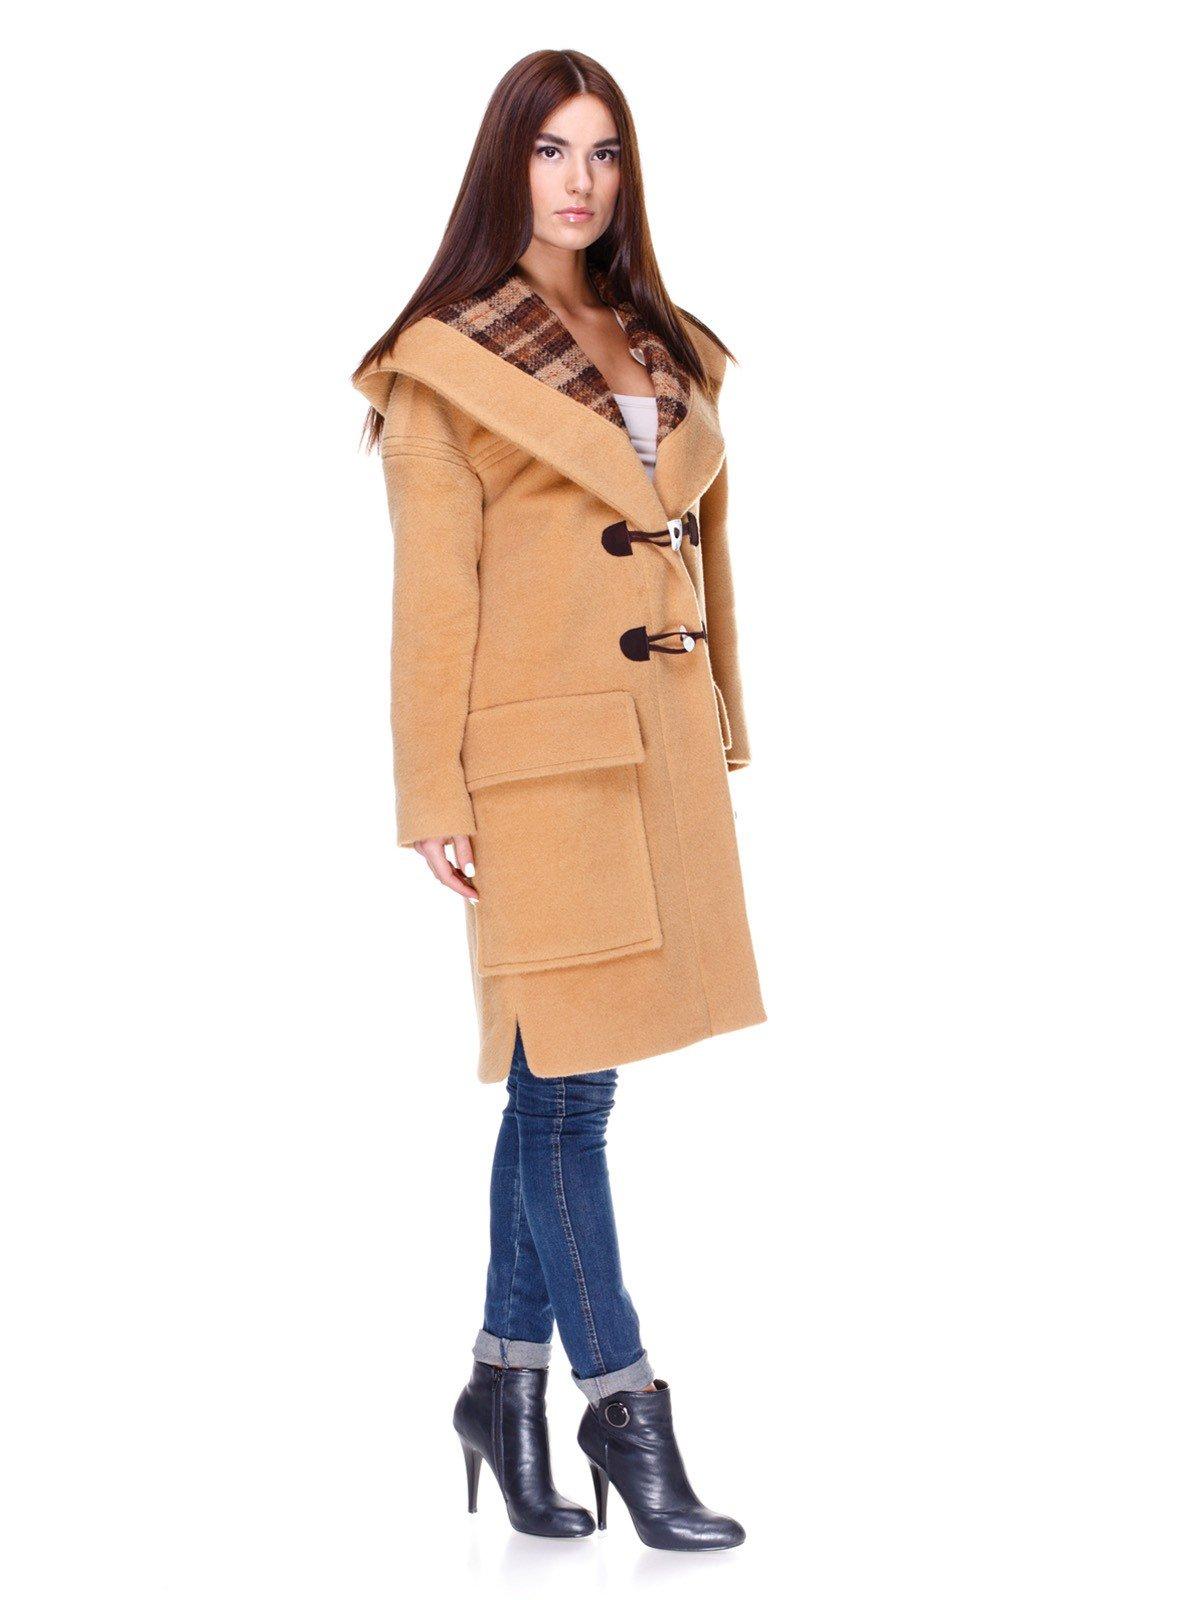 e9499854e39 Dolcedonna.com.ua - интернет магазин женской одежды в Киеве. купить  дизайнерскую женскую одежду недорого